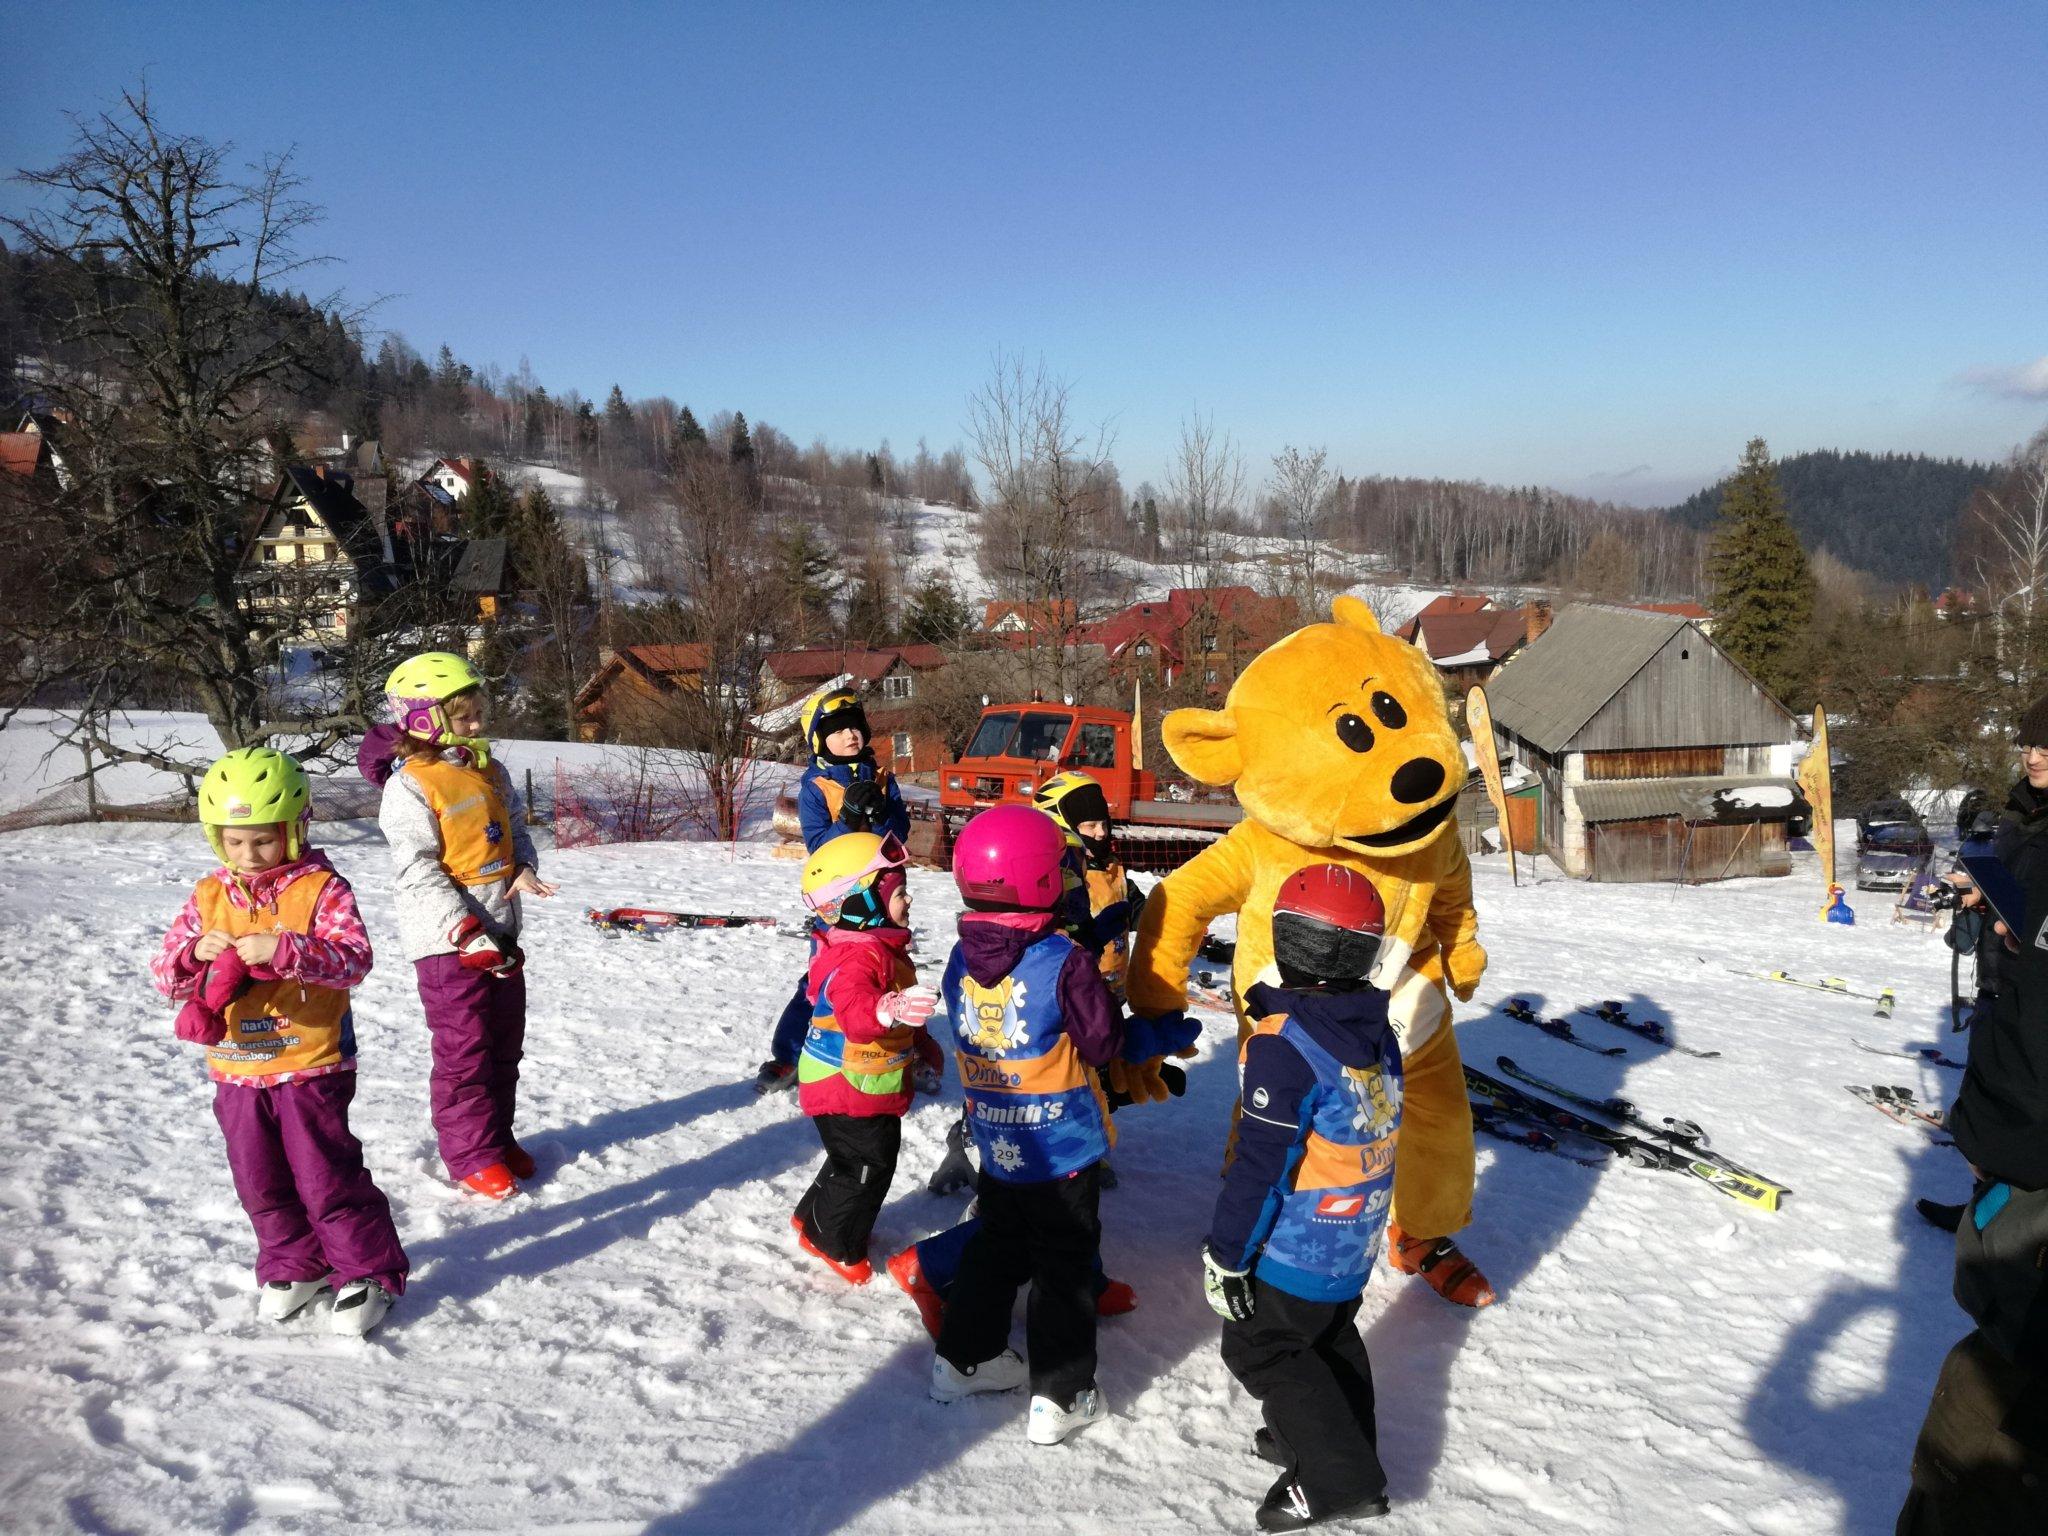 Szkółka narciarska dla dzieci w Korbielowie - odkryj jej uroki!